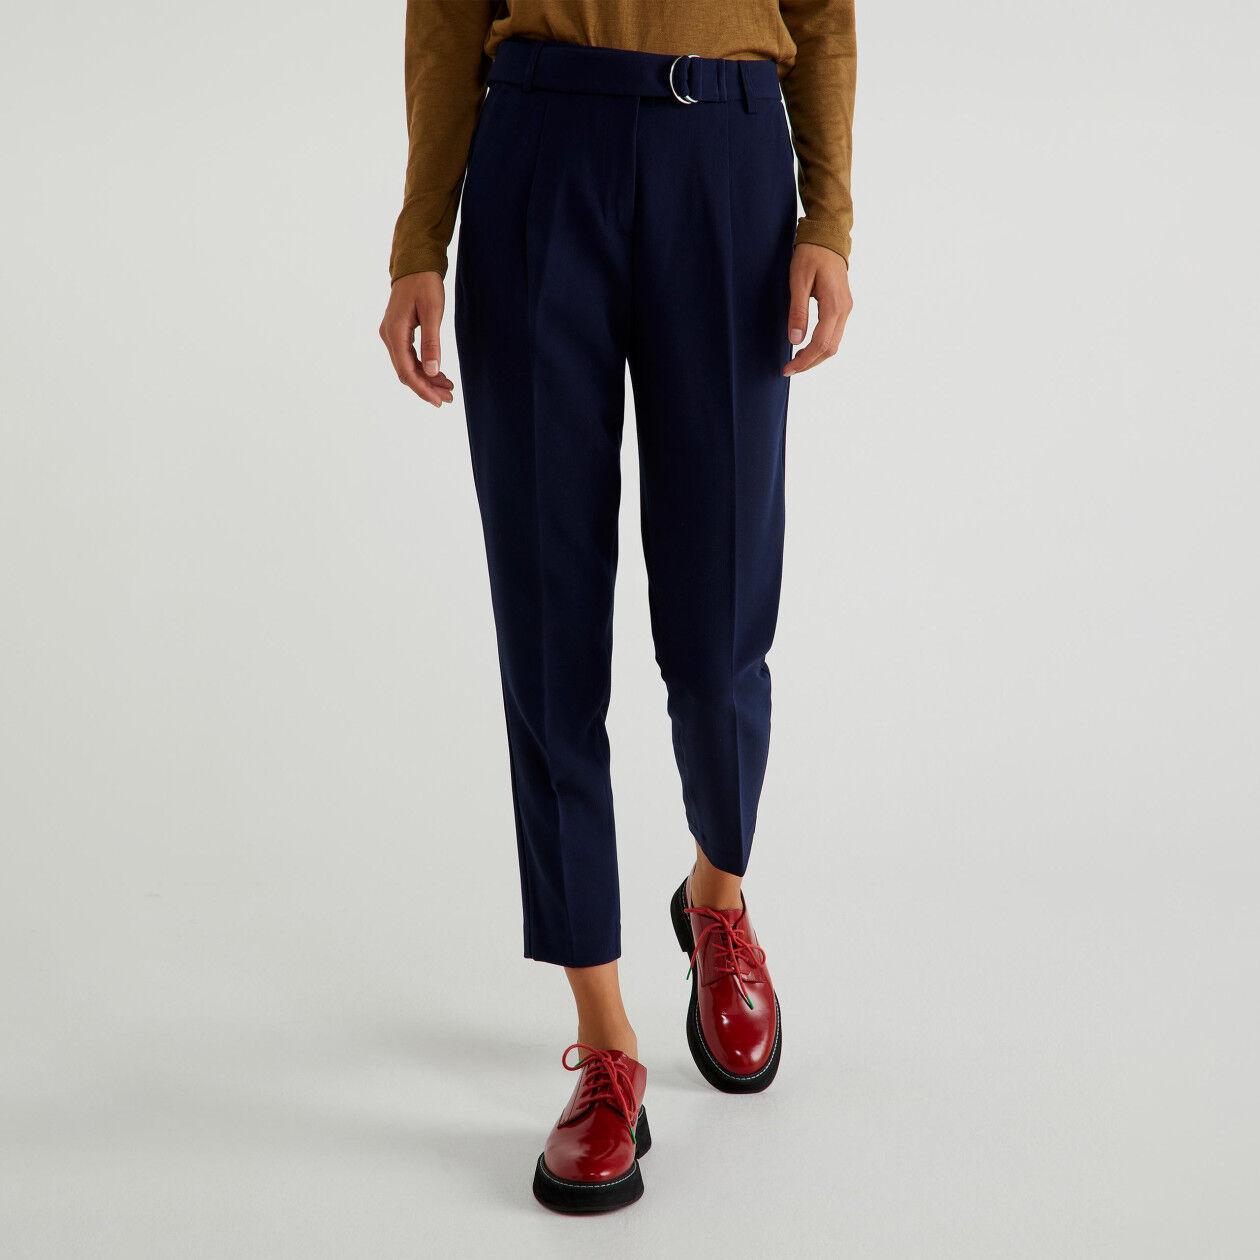 Pants with sash